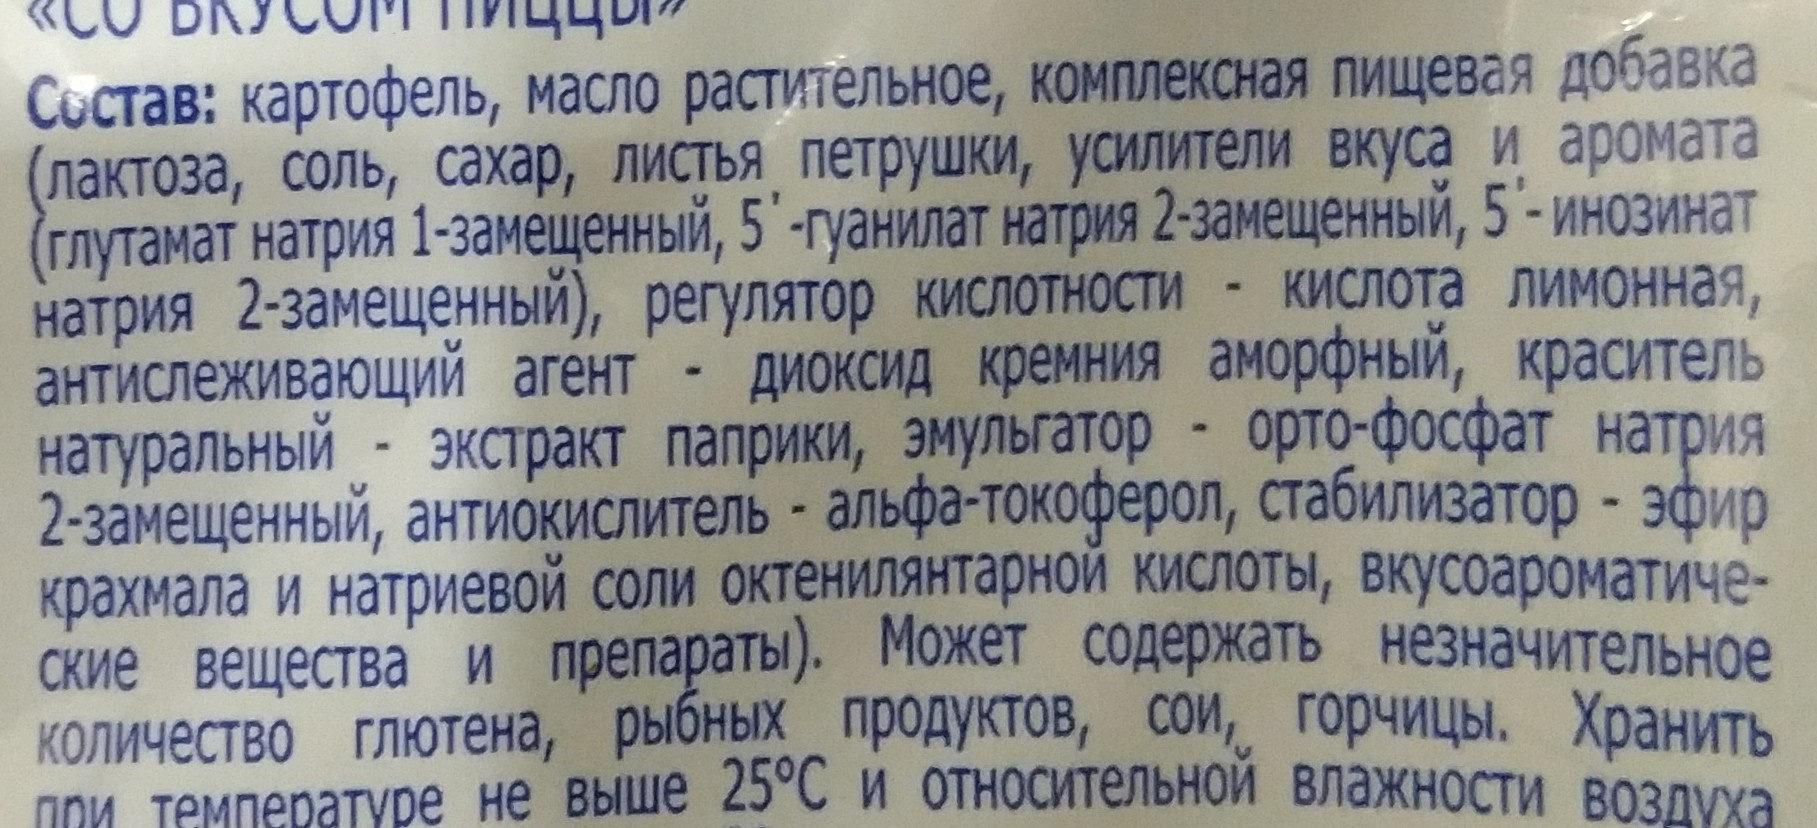 """Картофель хрустящий """"Со вкусом пиццы"""" - Ingrédients"""